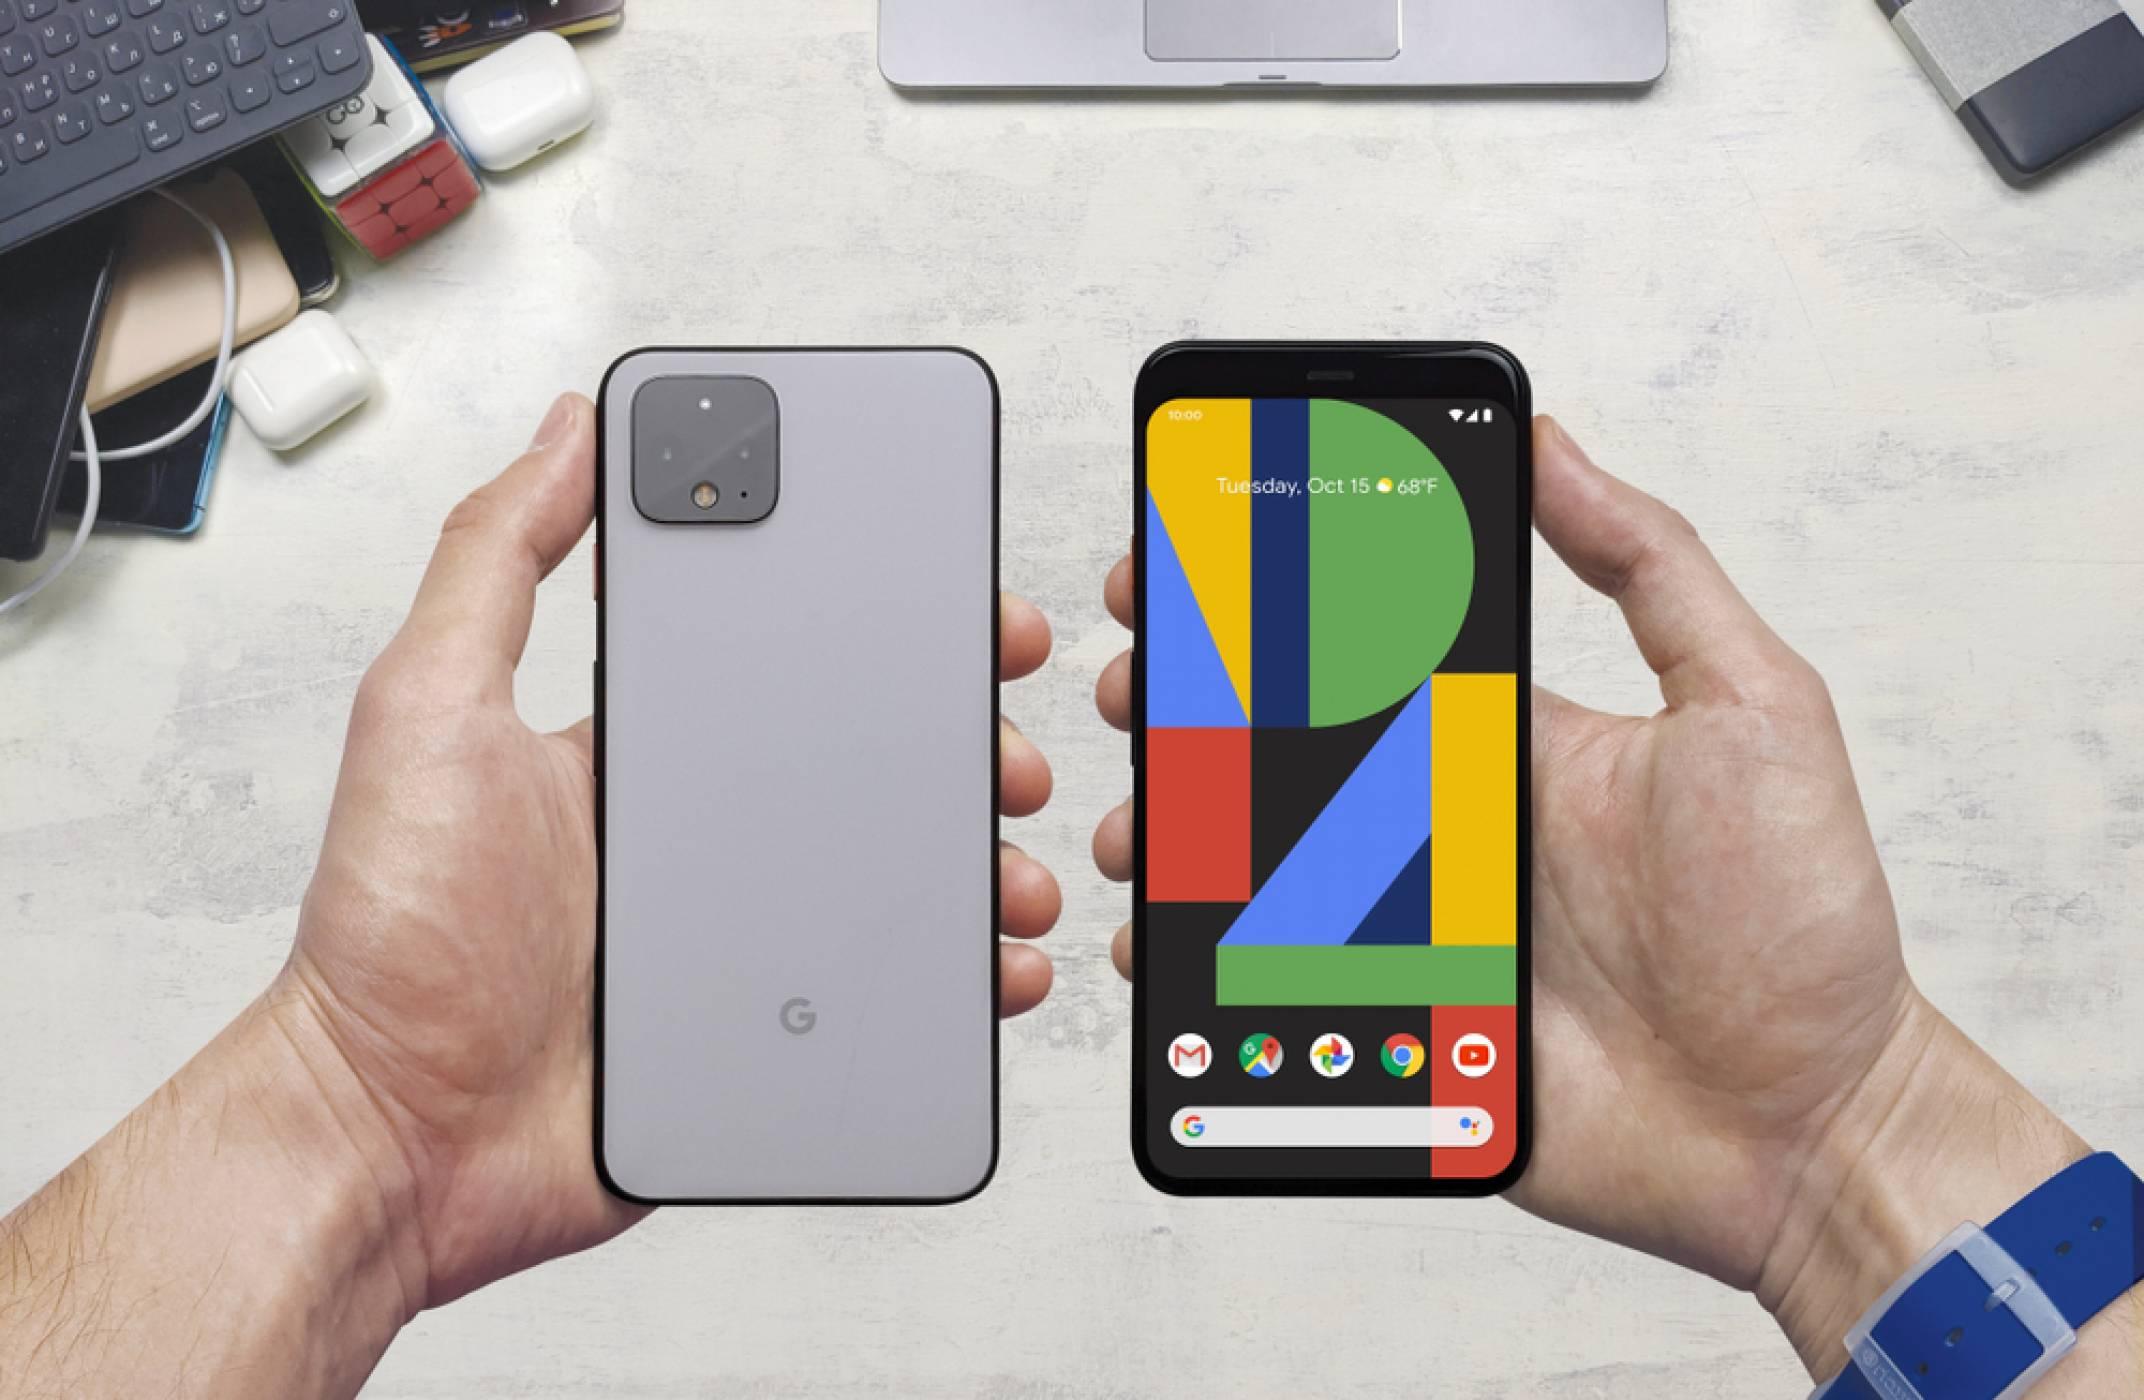 Намек за Pixel 6 XL с 5G е скрит в кода на Android 12